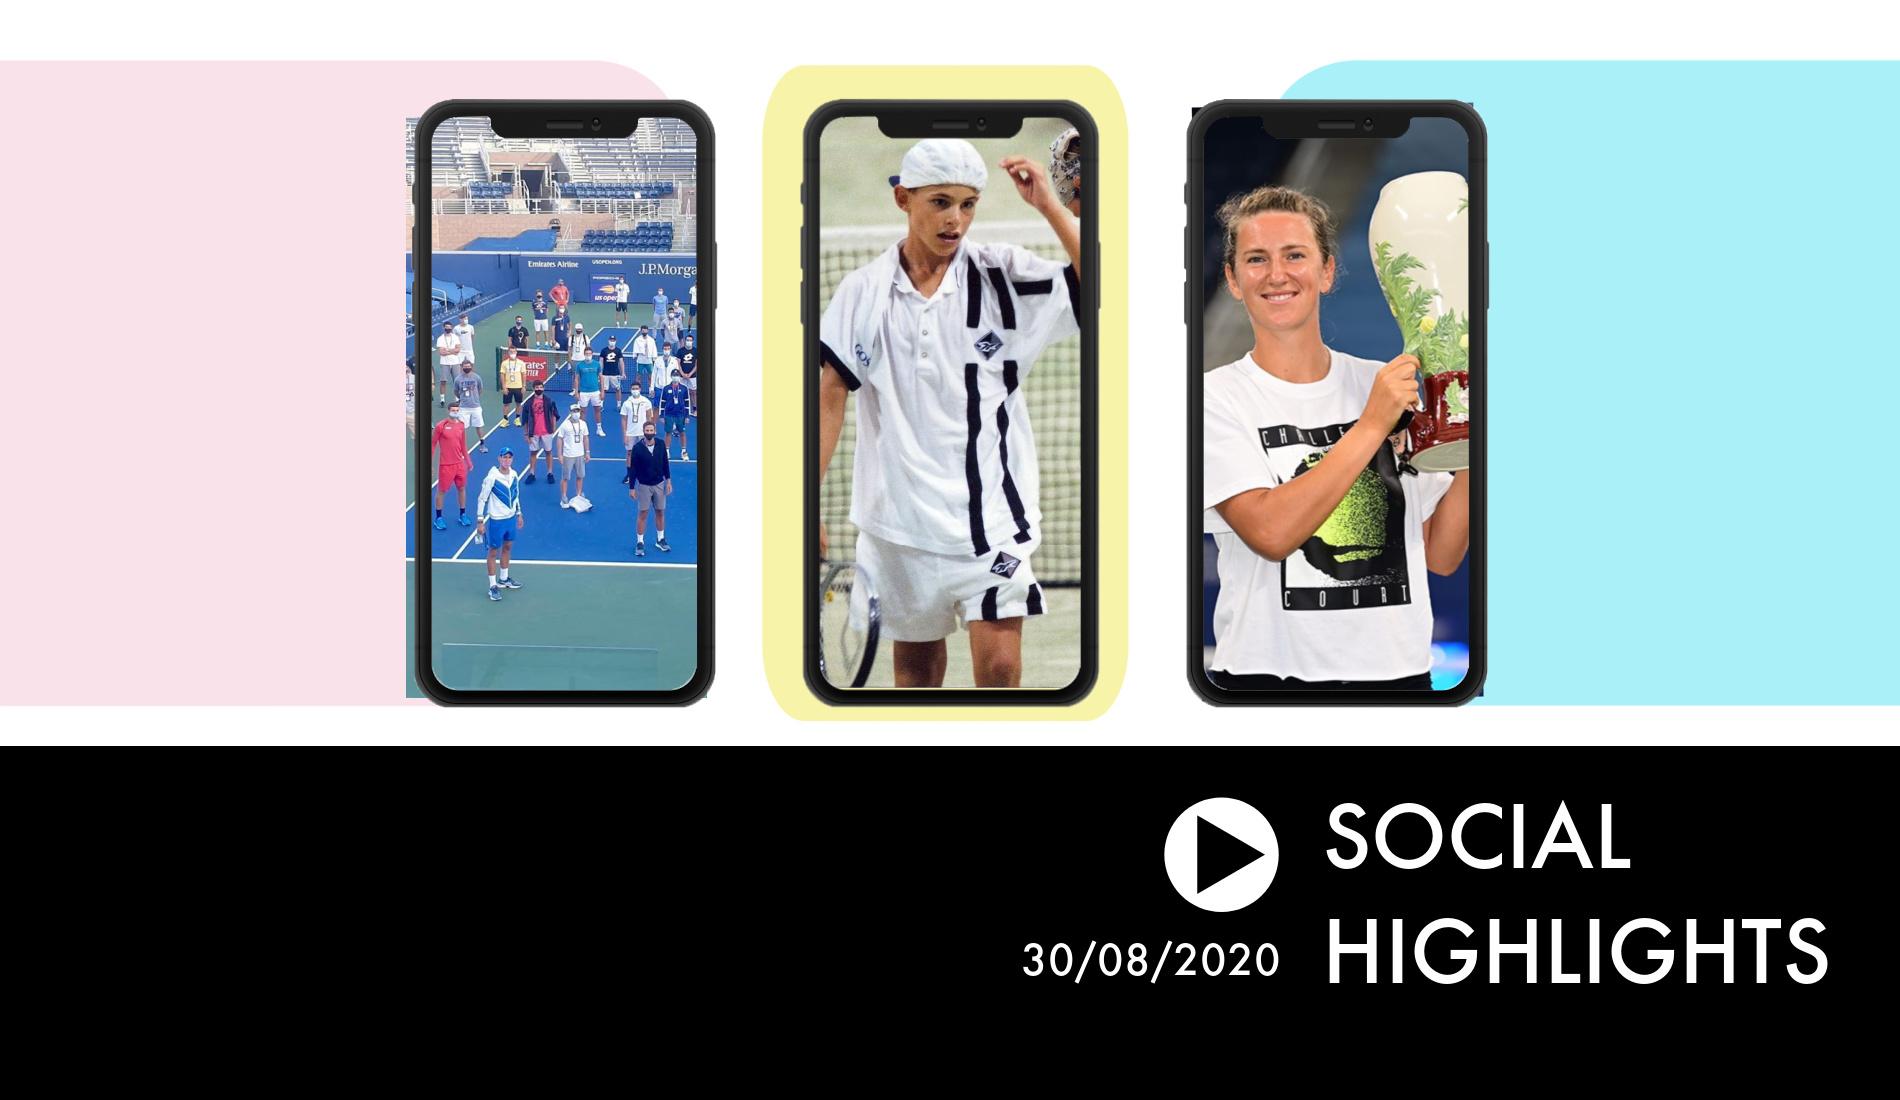 Social Highlights 30.08.2020